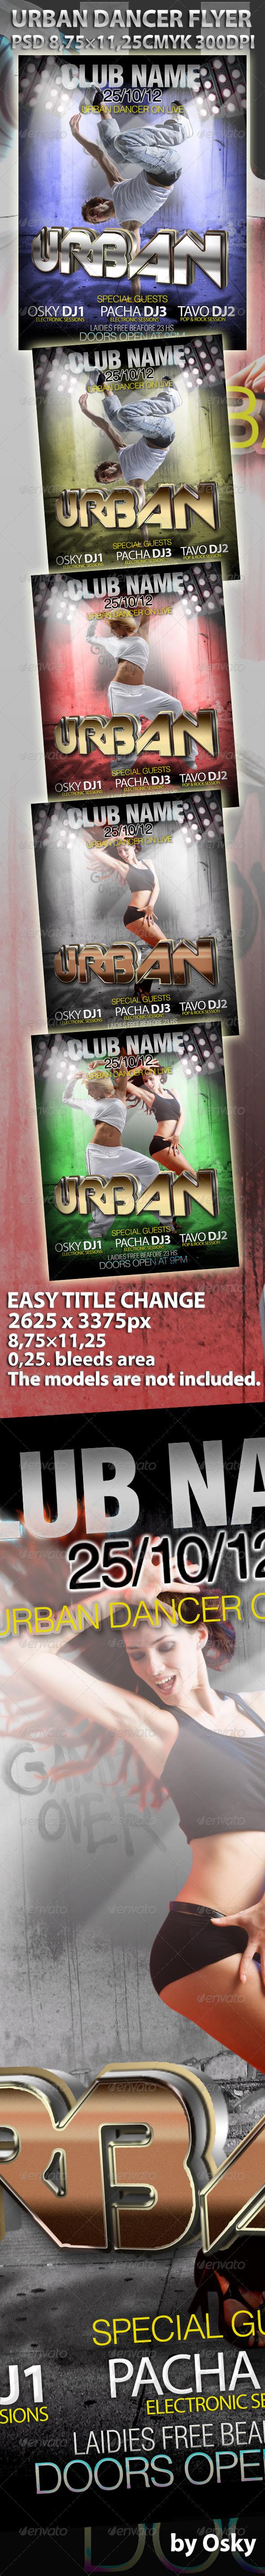 Urban Dancer Flyer